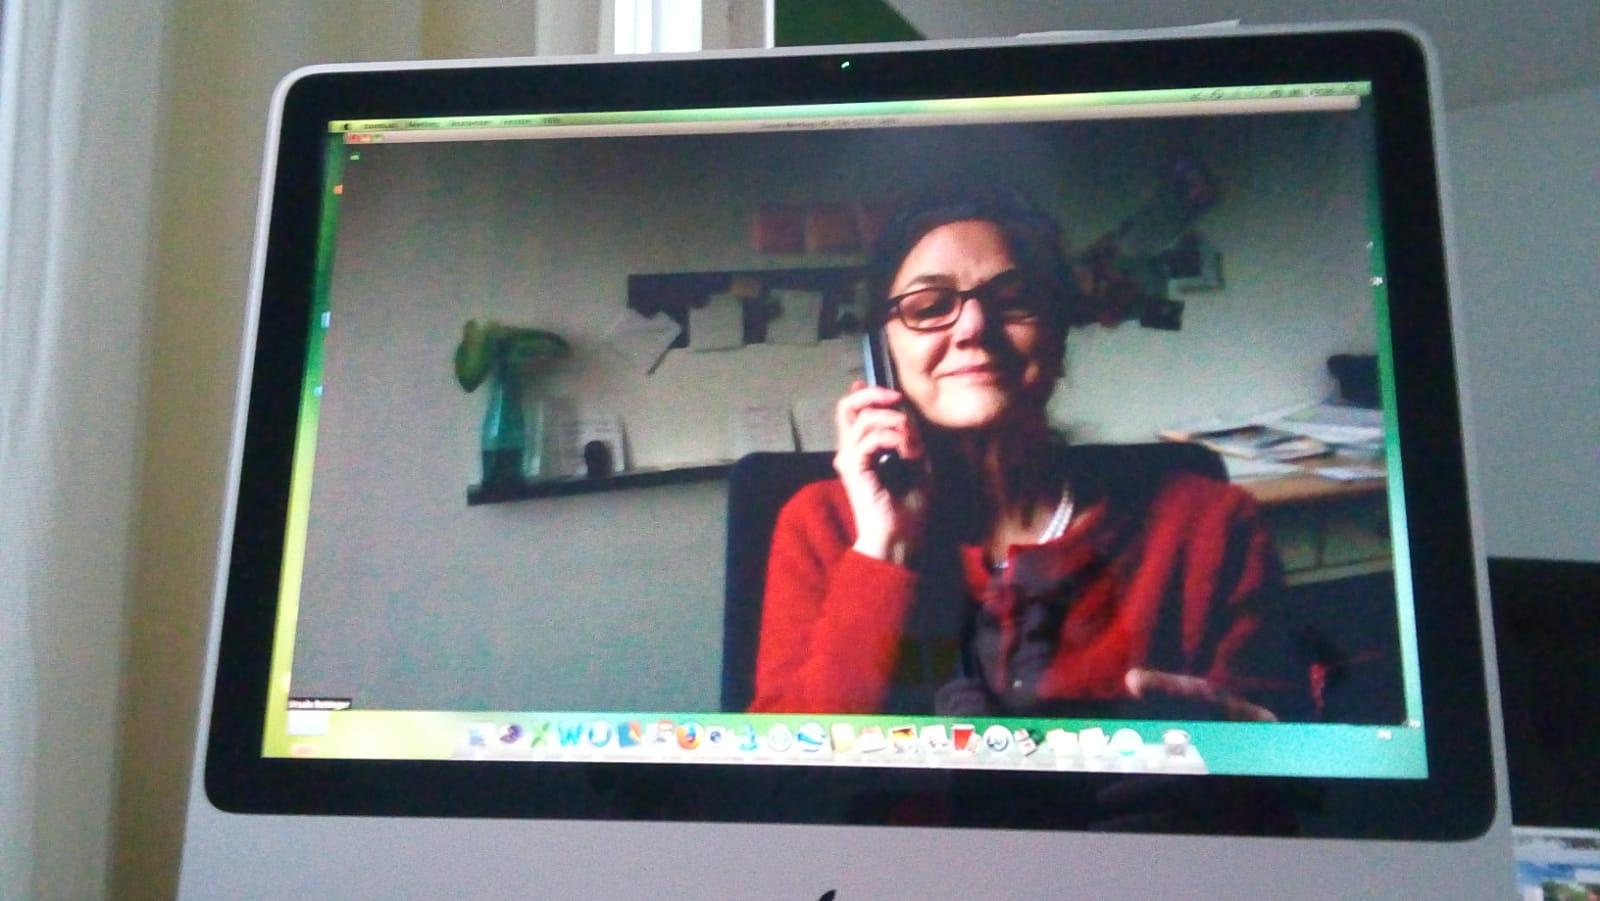 Projektleiterin Ursula Rettinger im Homeoffice, vor ihrem Computer und mit Handy